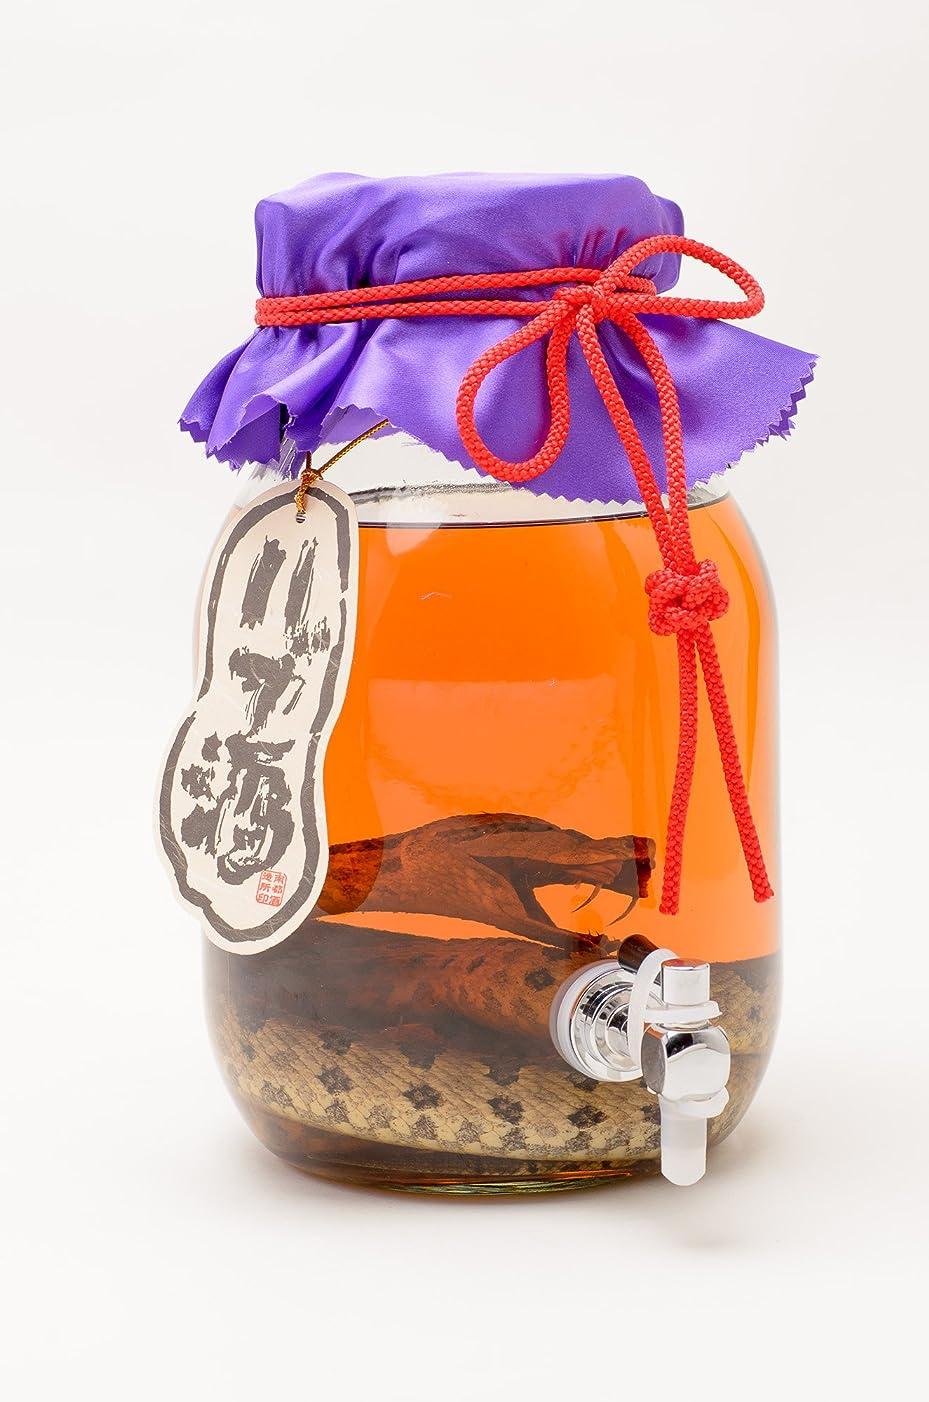 八百屋従事する崩壊南都 琉球の酒 ハブ入りハブ酒 瓶 3300ml